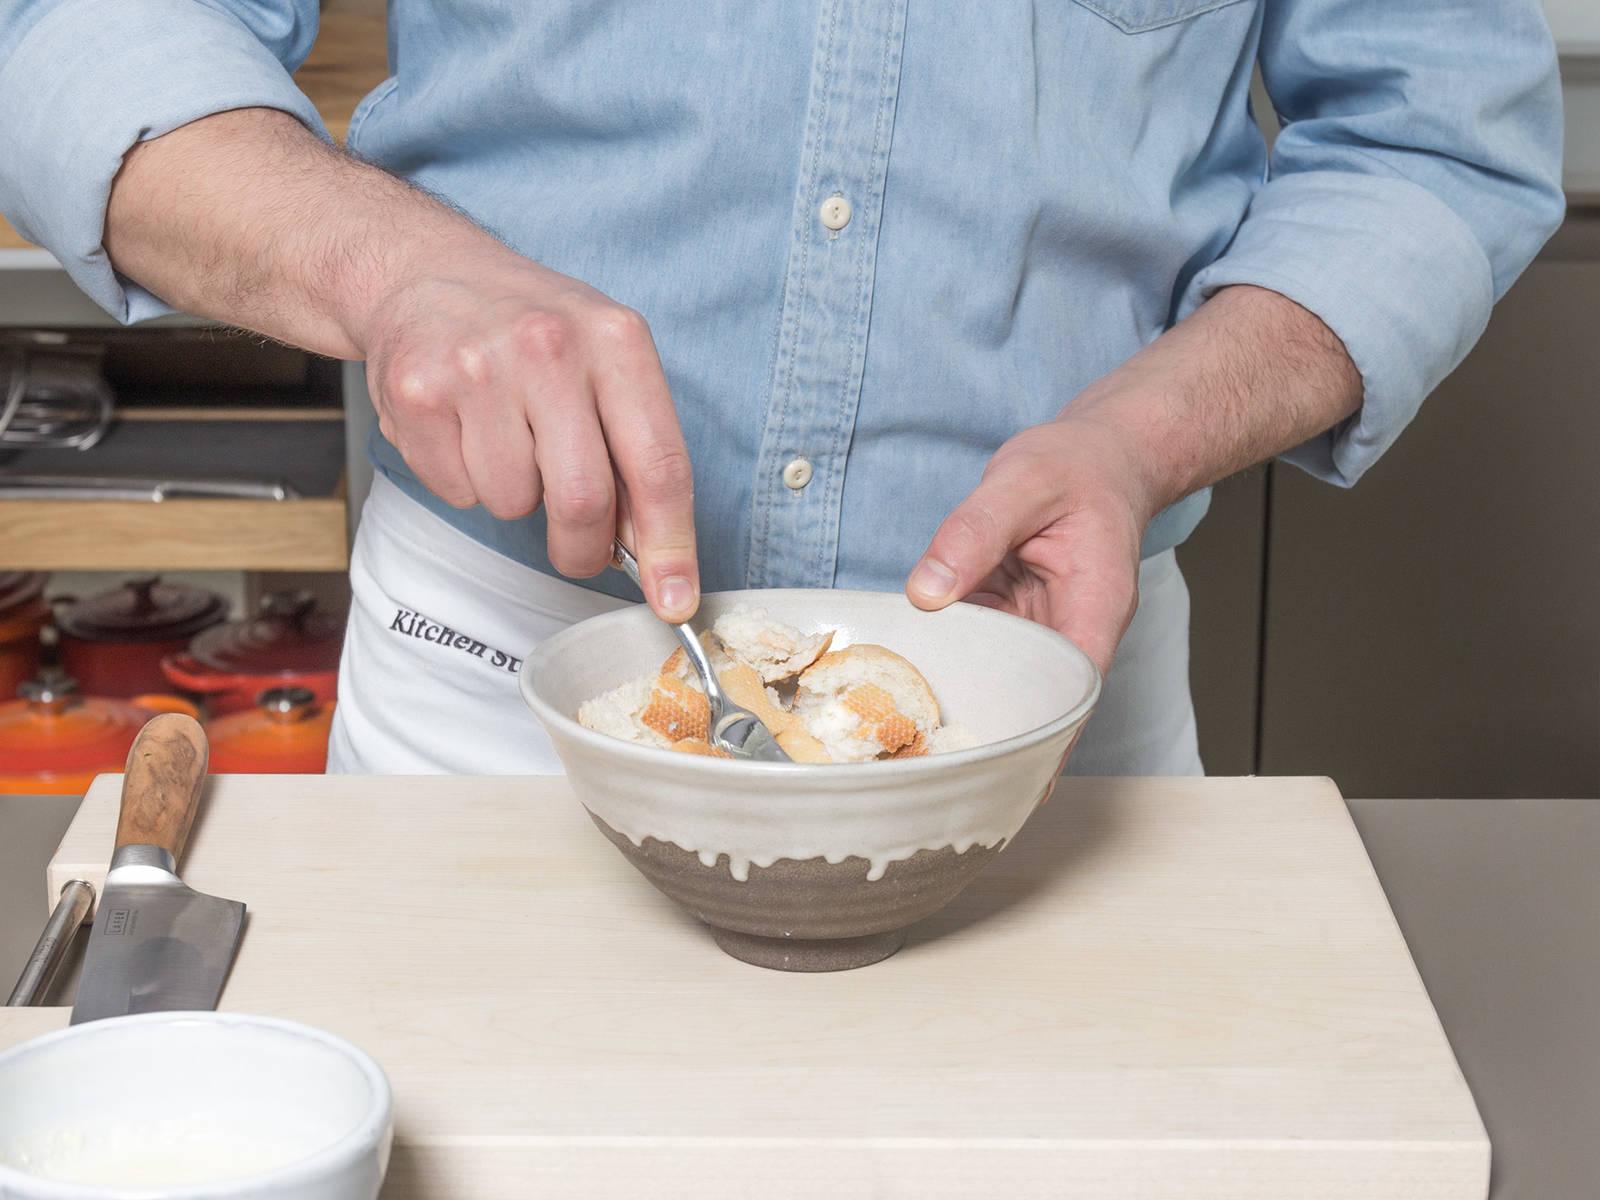 Backofen auf 180°C vorheizen. Brötchen in Würfel schneiden und in eine große Rührschüssel geben. Milch dazugeben und Brötchen ca. 5 Min. aufweichen lassen. In der Zwischenzeit Zwiebeln und Knoblauch fein würfeln und Petersilie fein hacken.